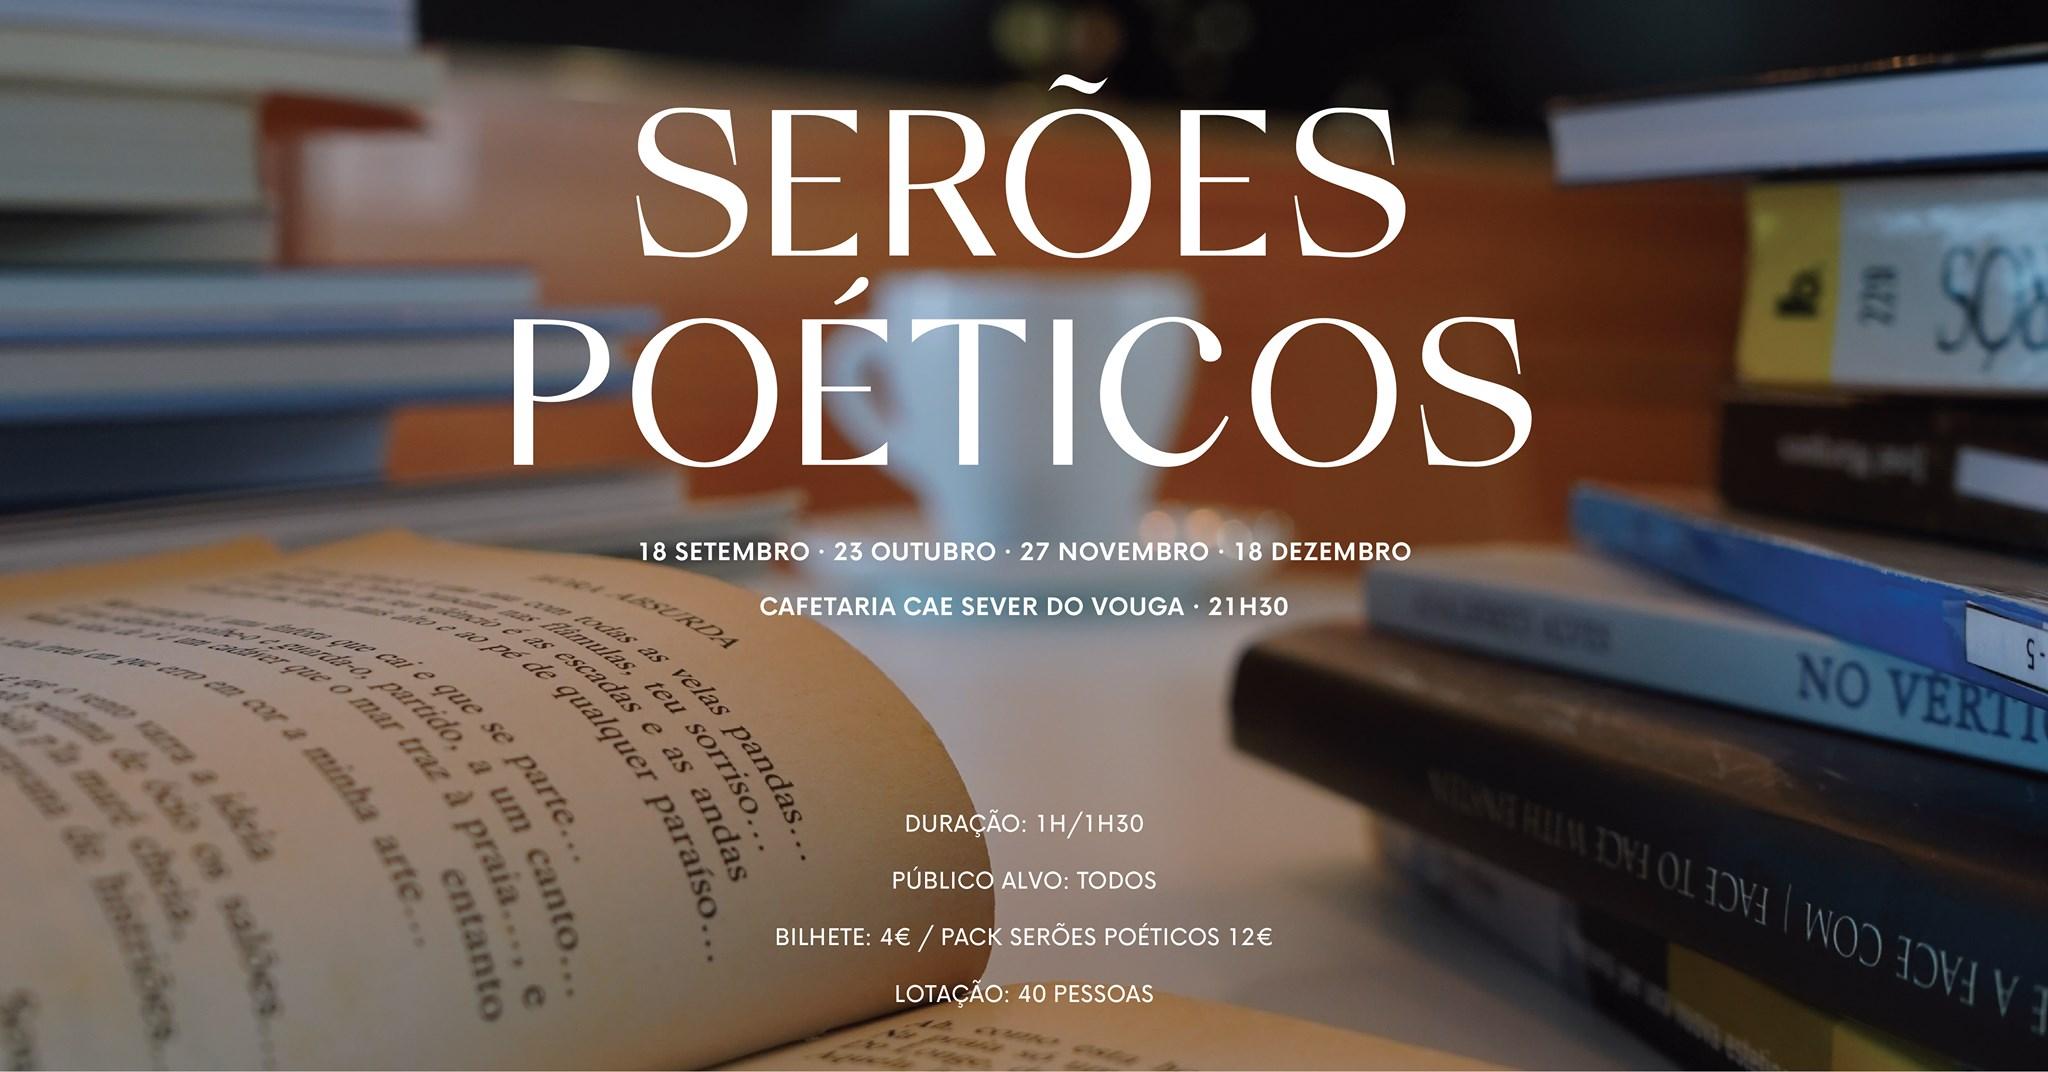 SERÕES POÉTICOS - Laboratório de Leitura Poética